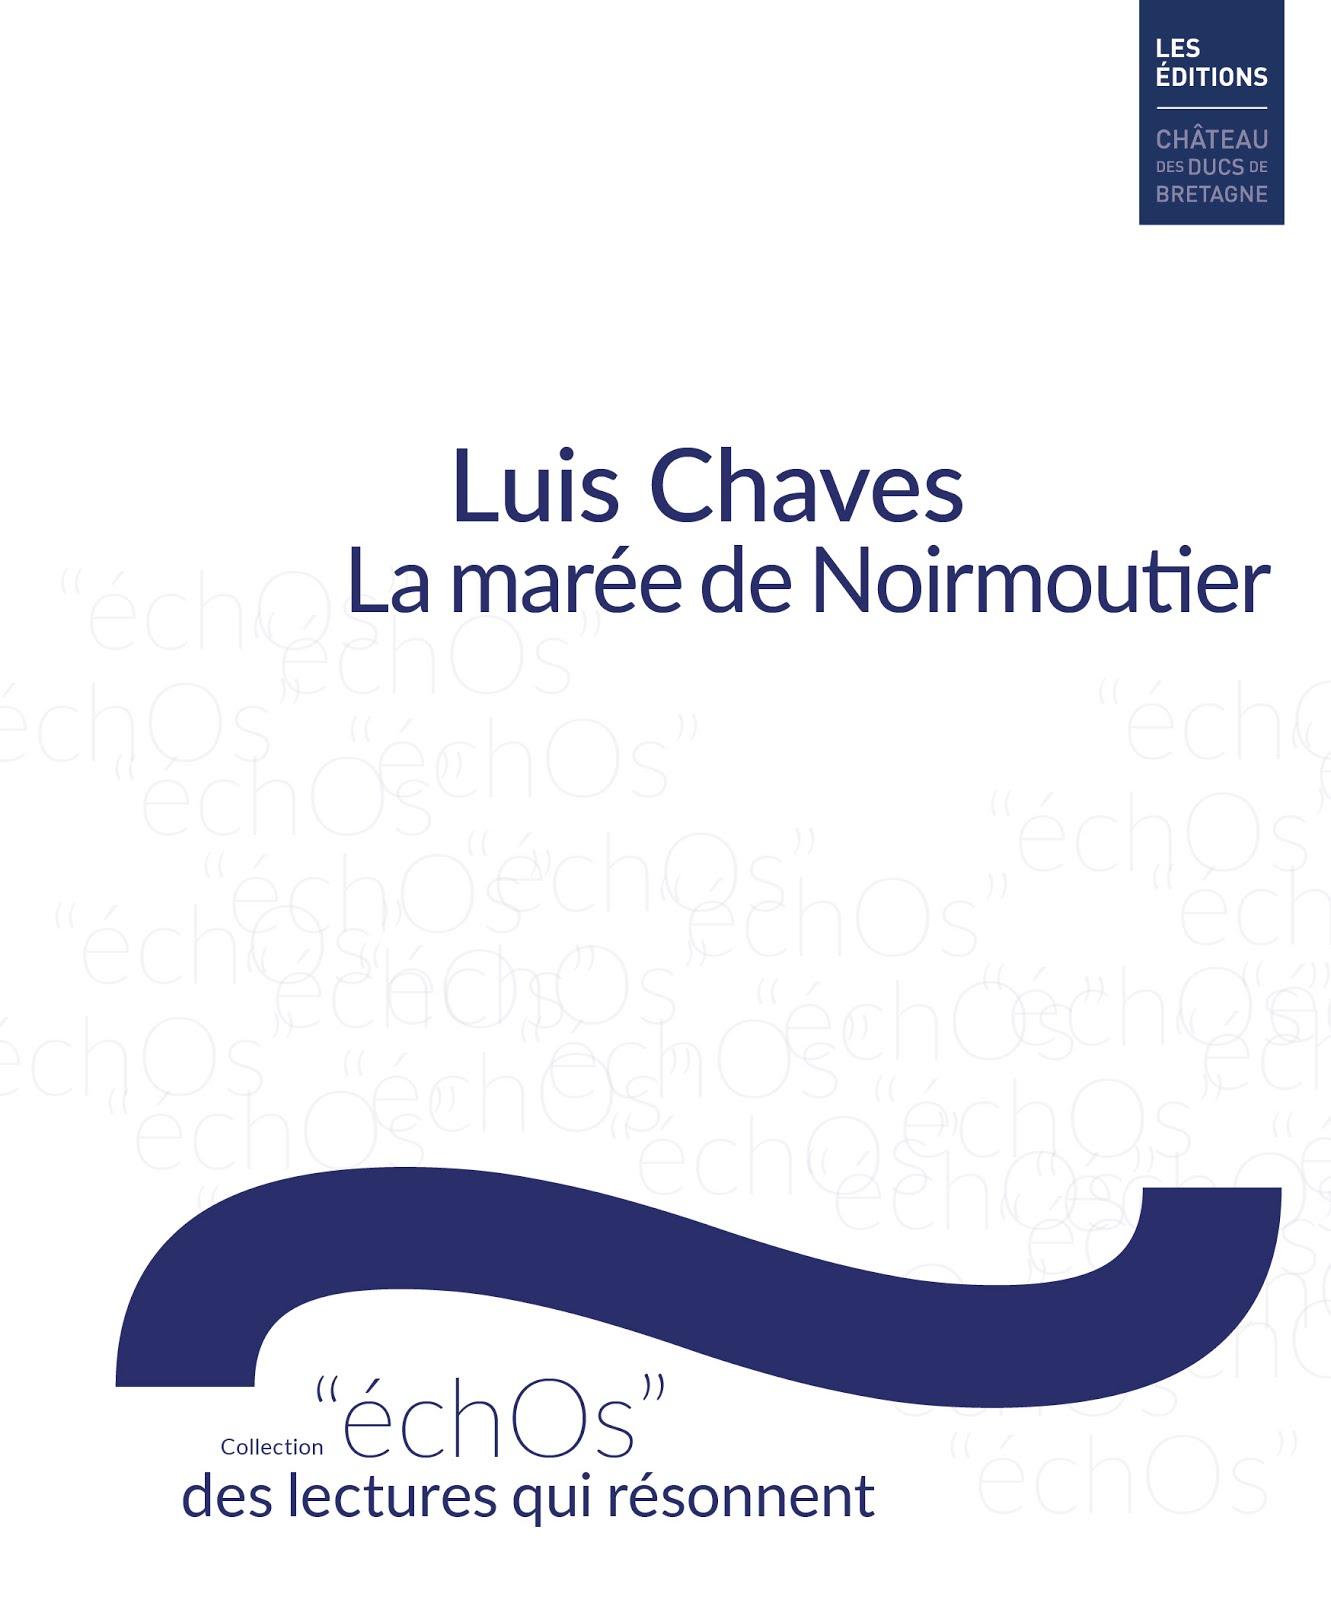 La marée de Noirmoutier / Éditions du Château des ducs de Bretagne